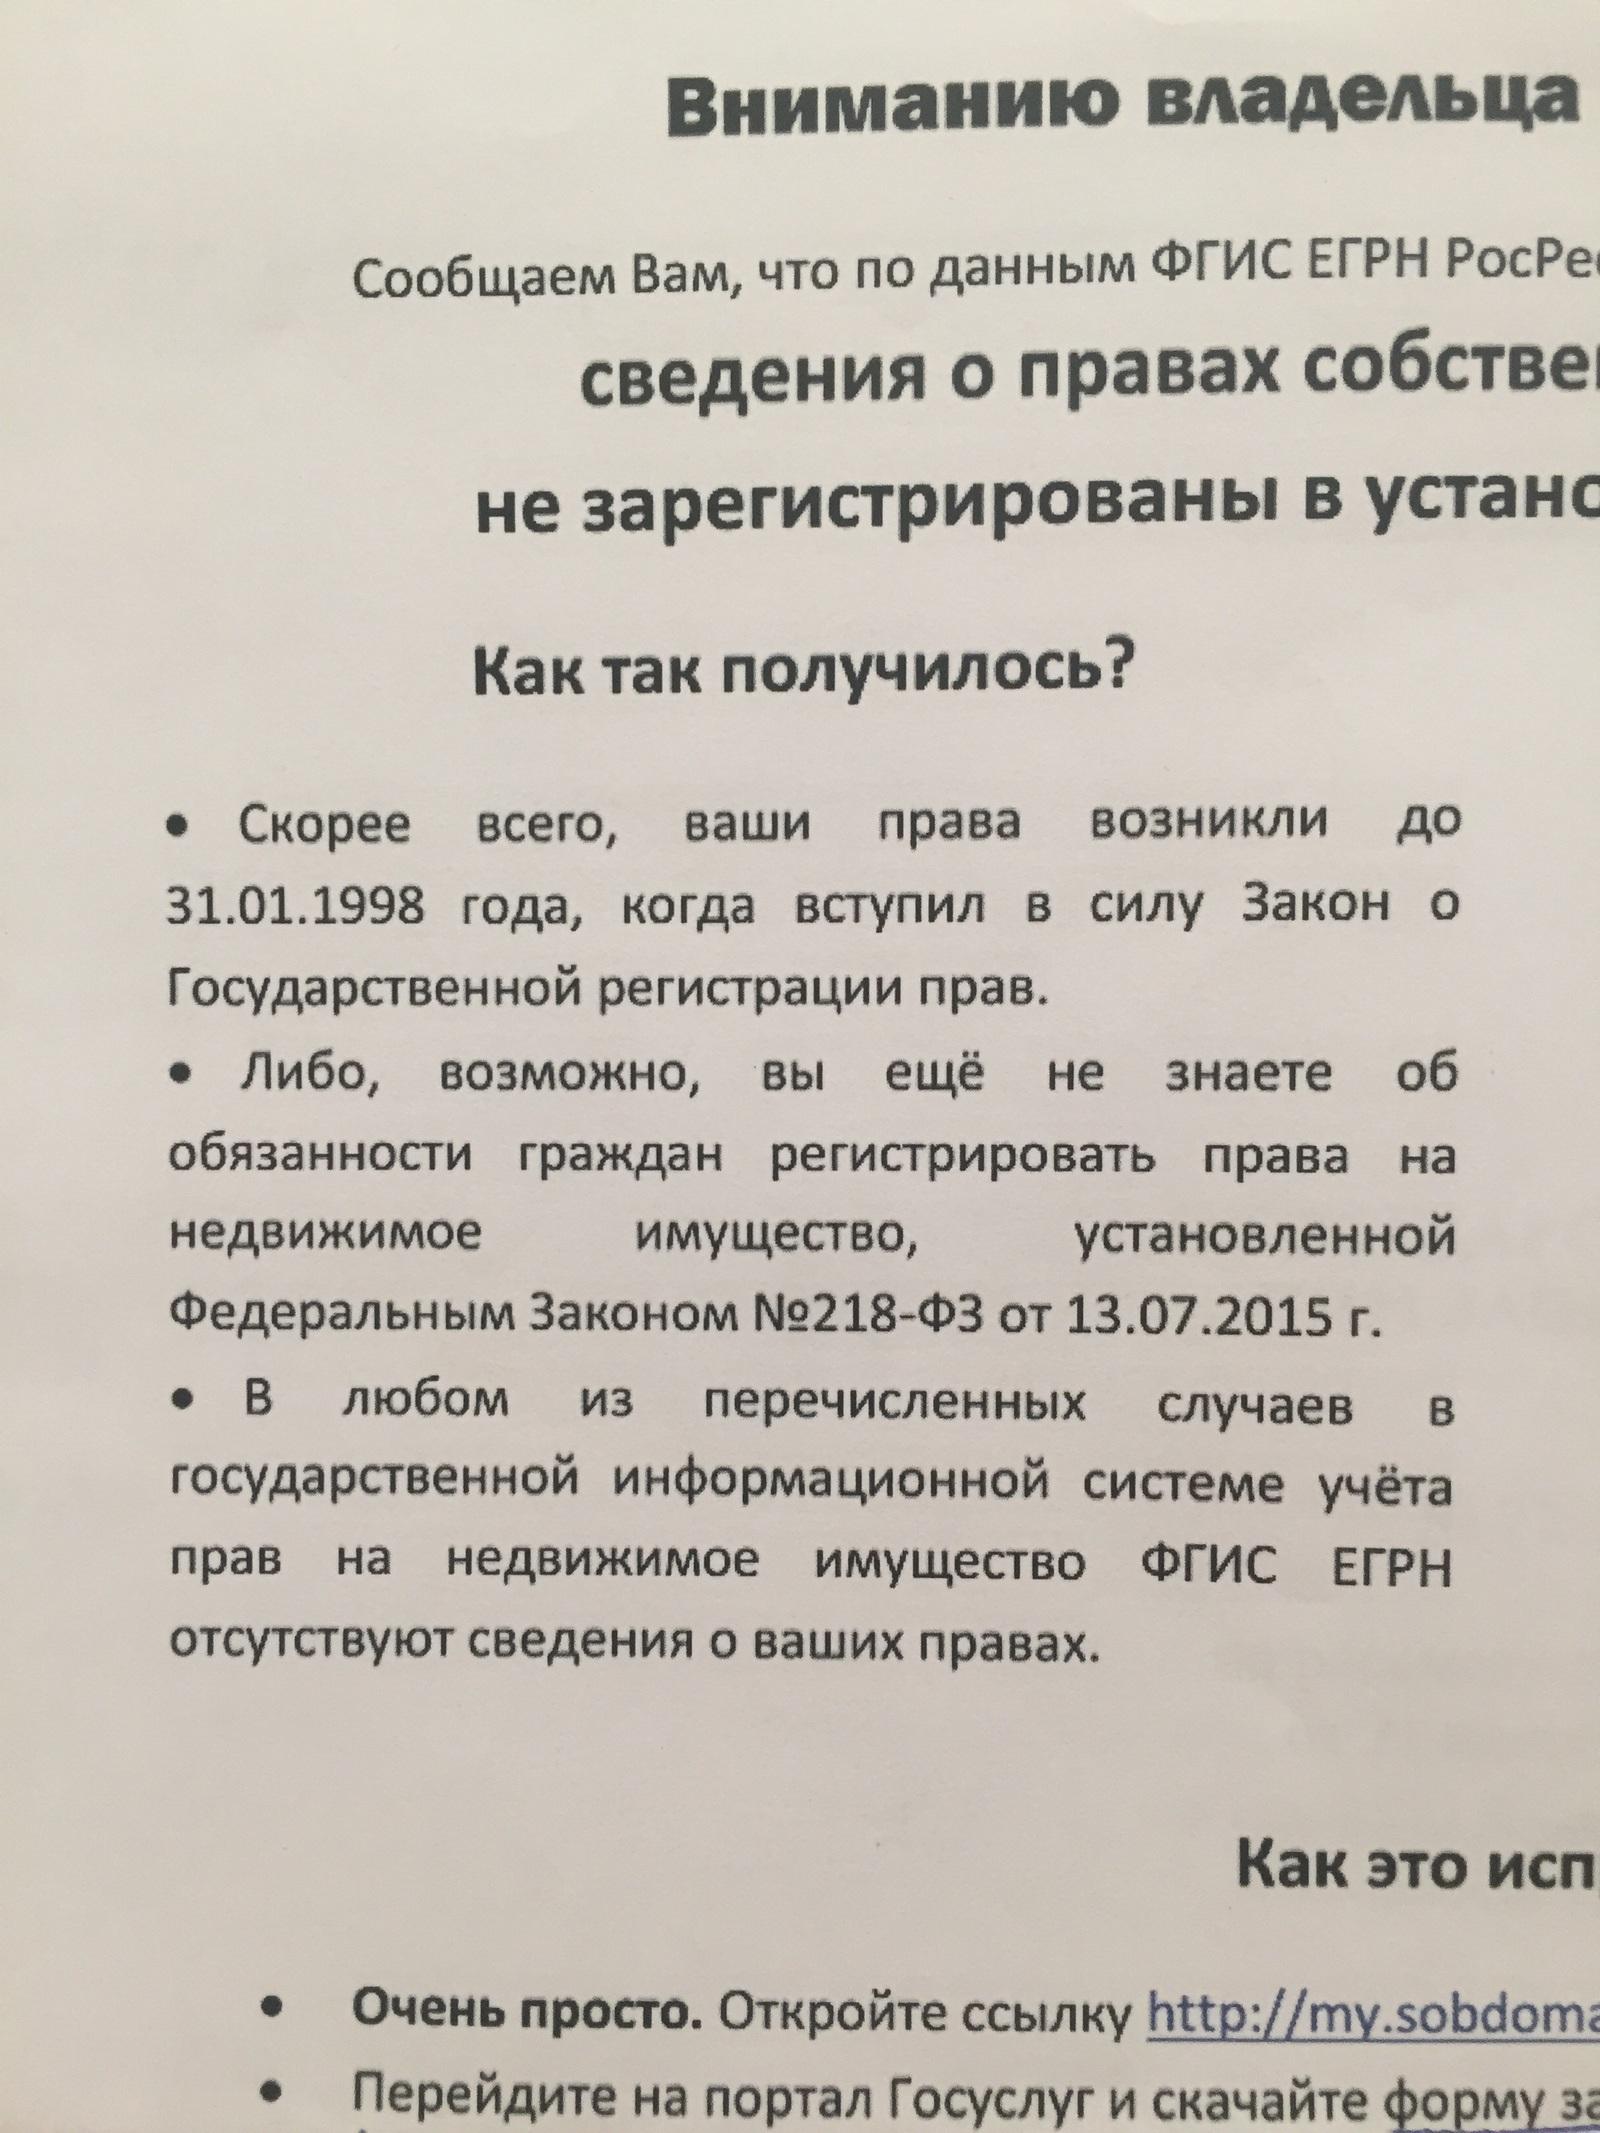 Справка бти о стоимости квартиры как получить. uristtop.ru